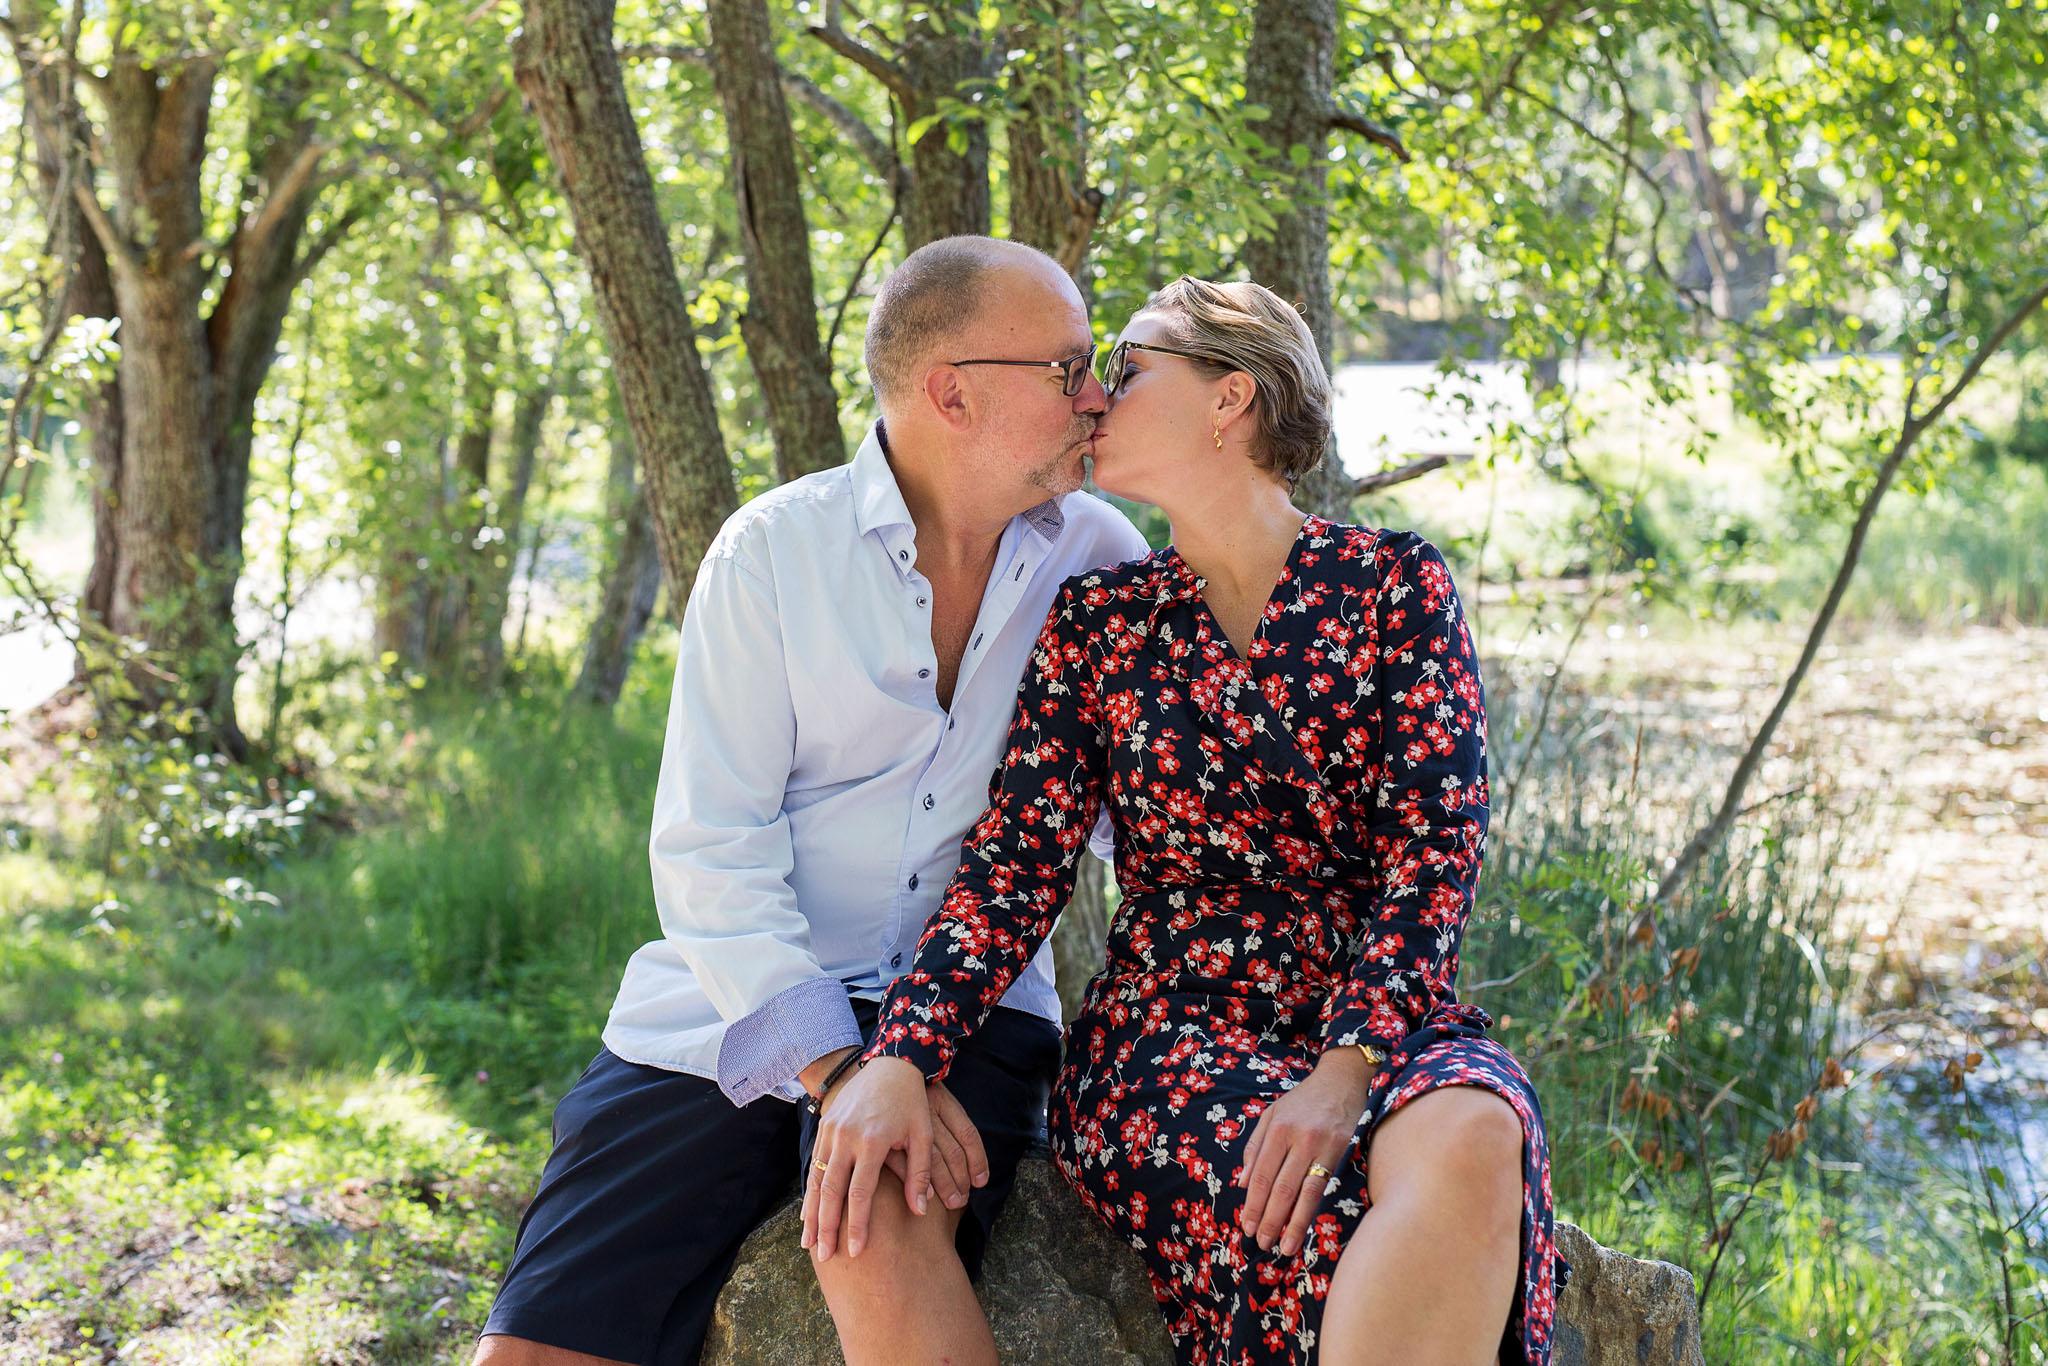 Fotograf_hudiksvall_sundsvall_söderhamn_delsbo_järvsö_ljusdal_bollnäs_sabina_wixner_4.jpg